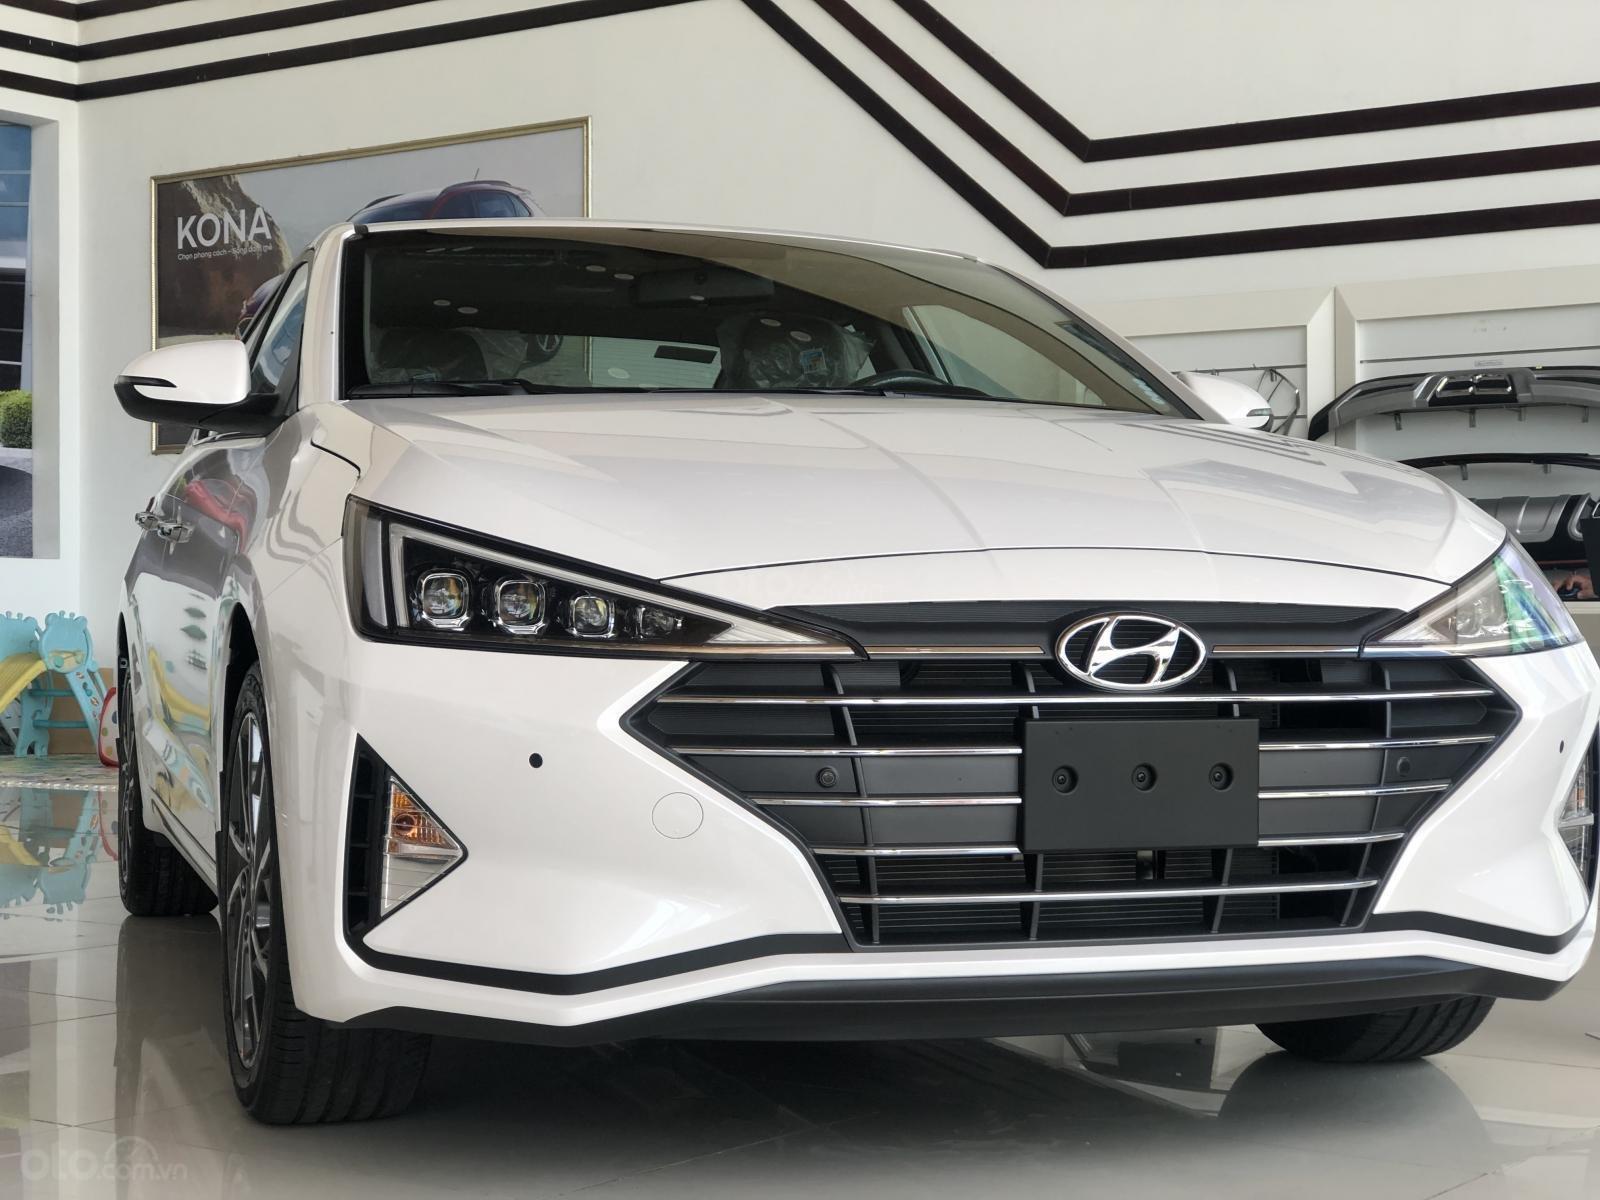 Xe Hyundai Elantra 2019, giá từ 555tr - màu trắng- giao ngay - LH: 0919293553 (5)